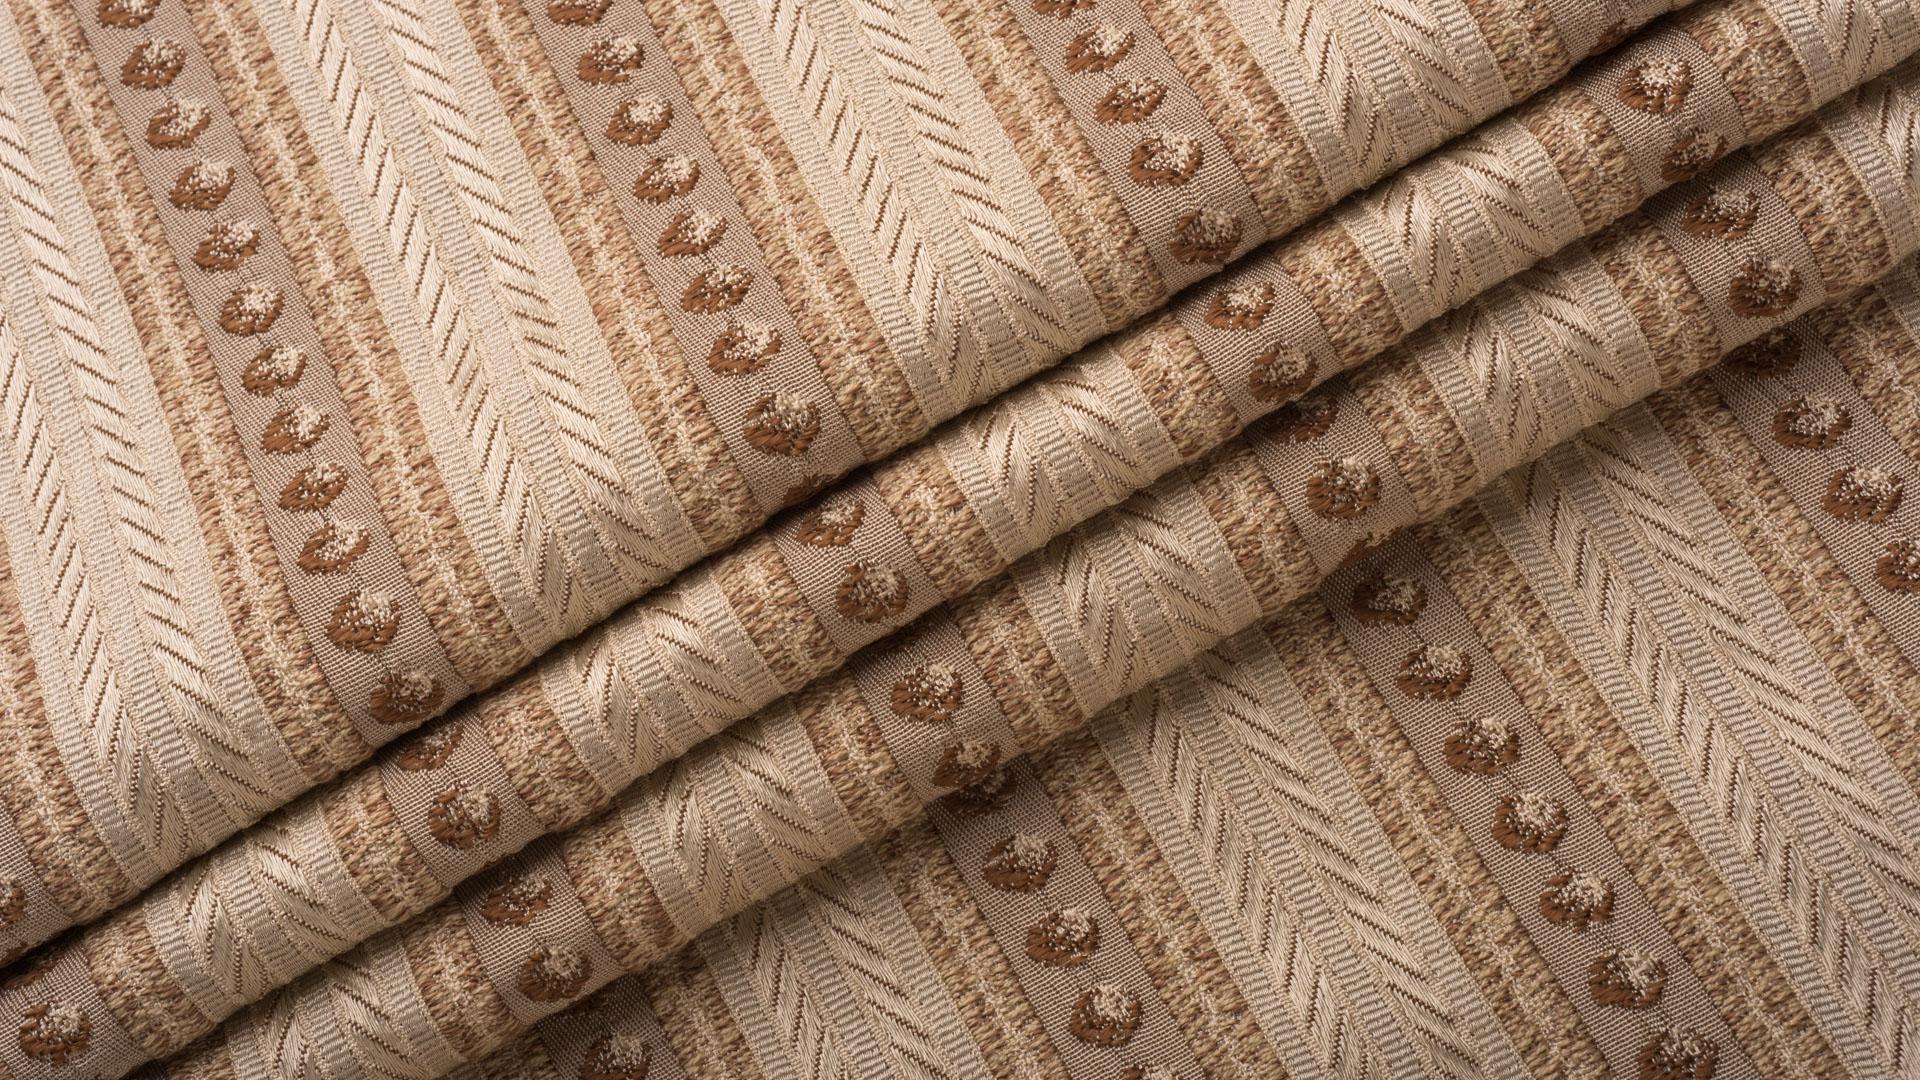 Жаккард: что это за ткань, основные разновидности и сферы применения